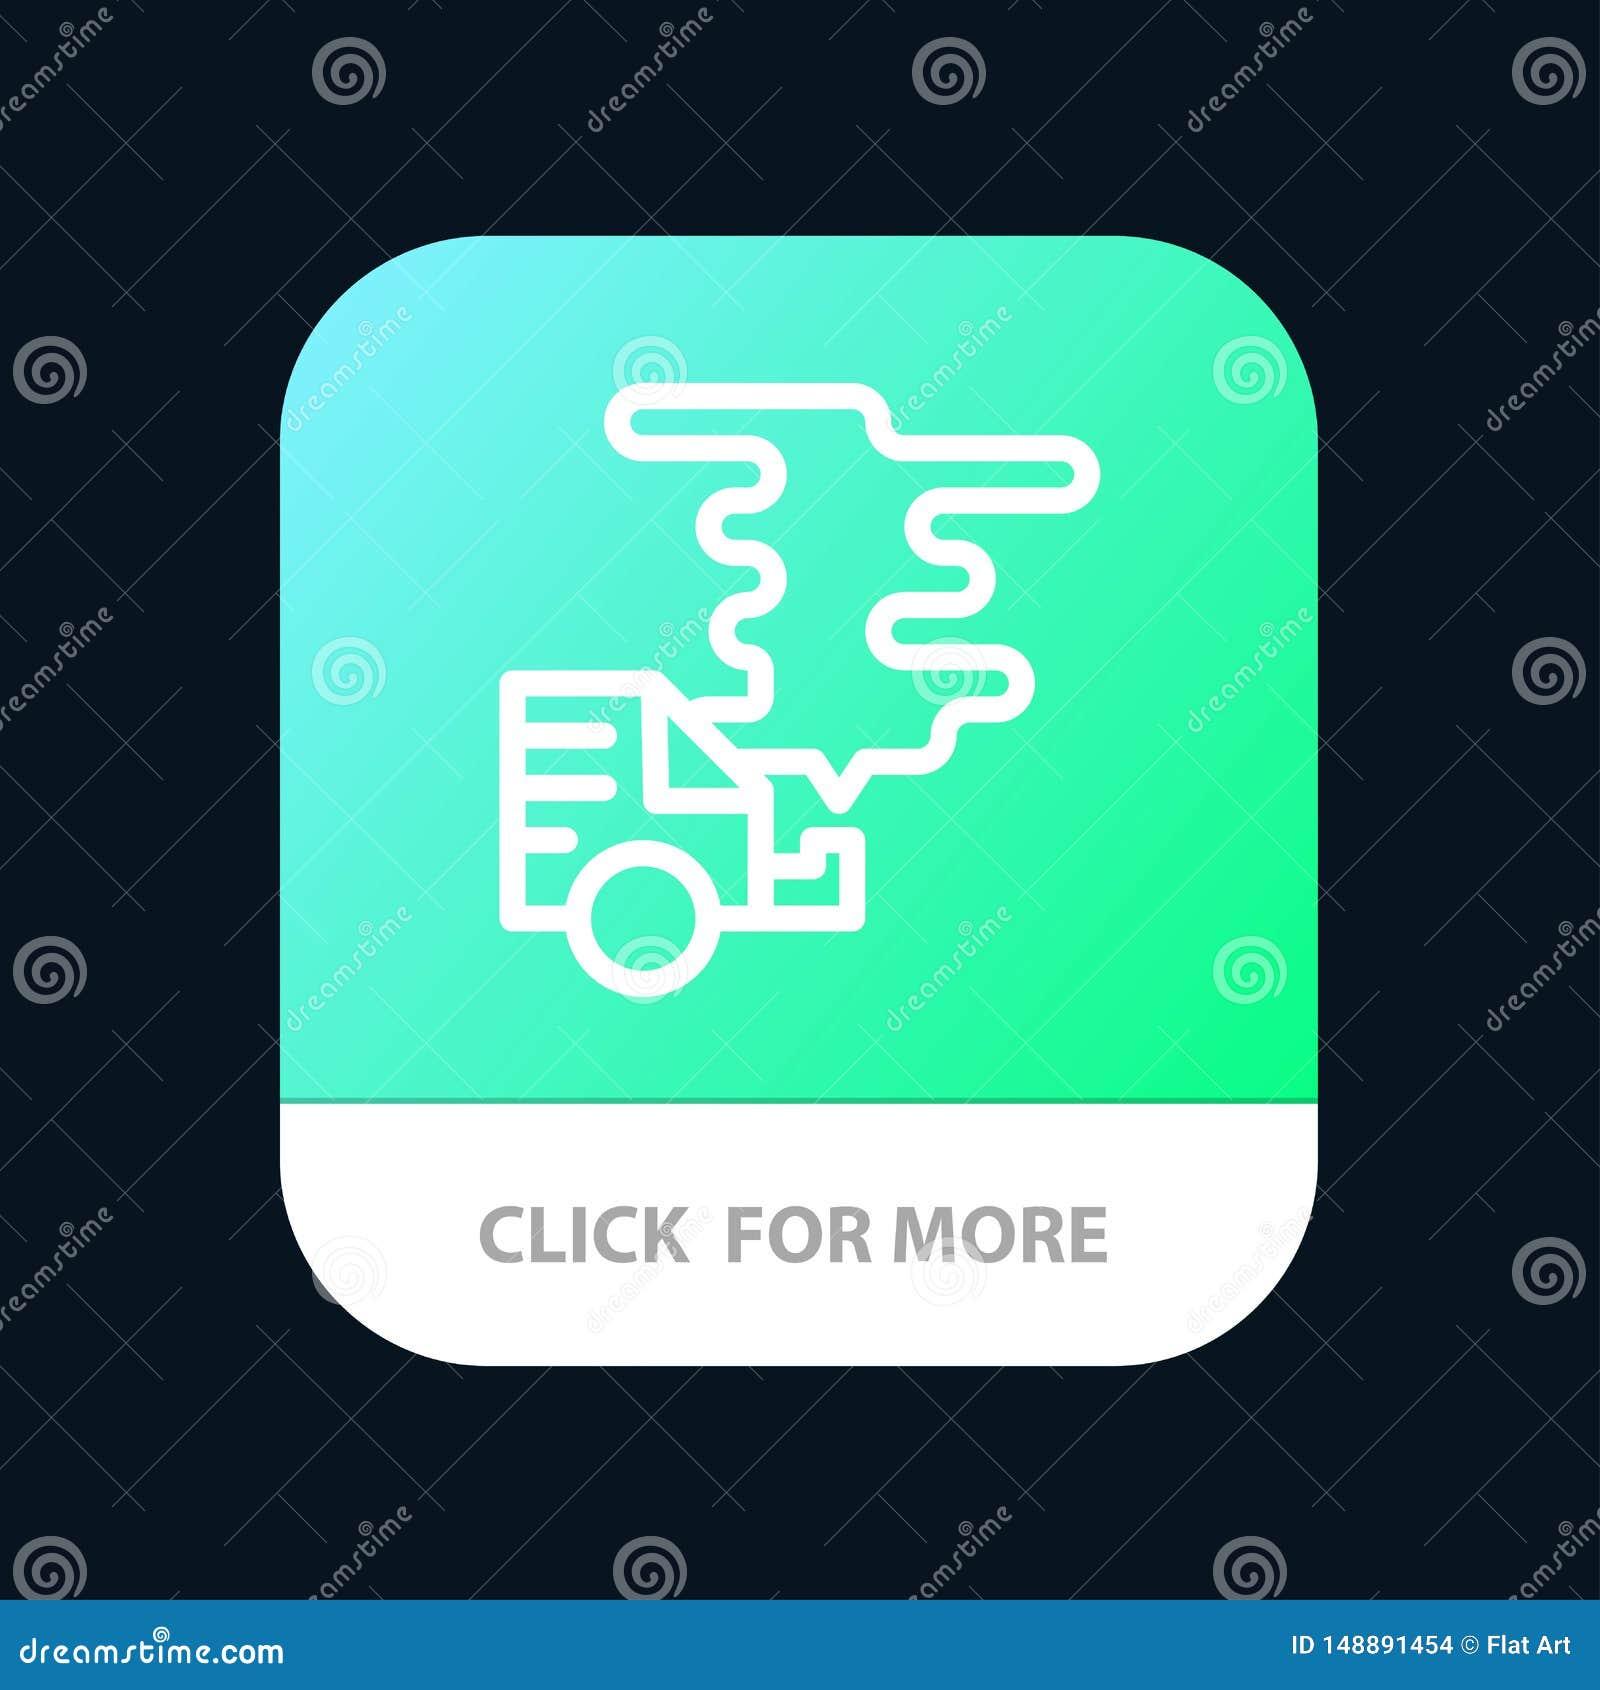 Αυτοκίνητο, αυτοκίνητο, εκπομπή, αέριο, κινητό App ρύπανσης κουμπί Έκδοση αρρενωπών και IOS γραμμών